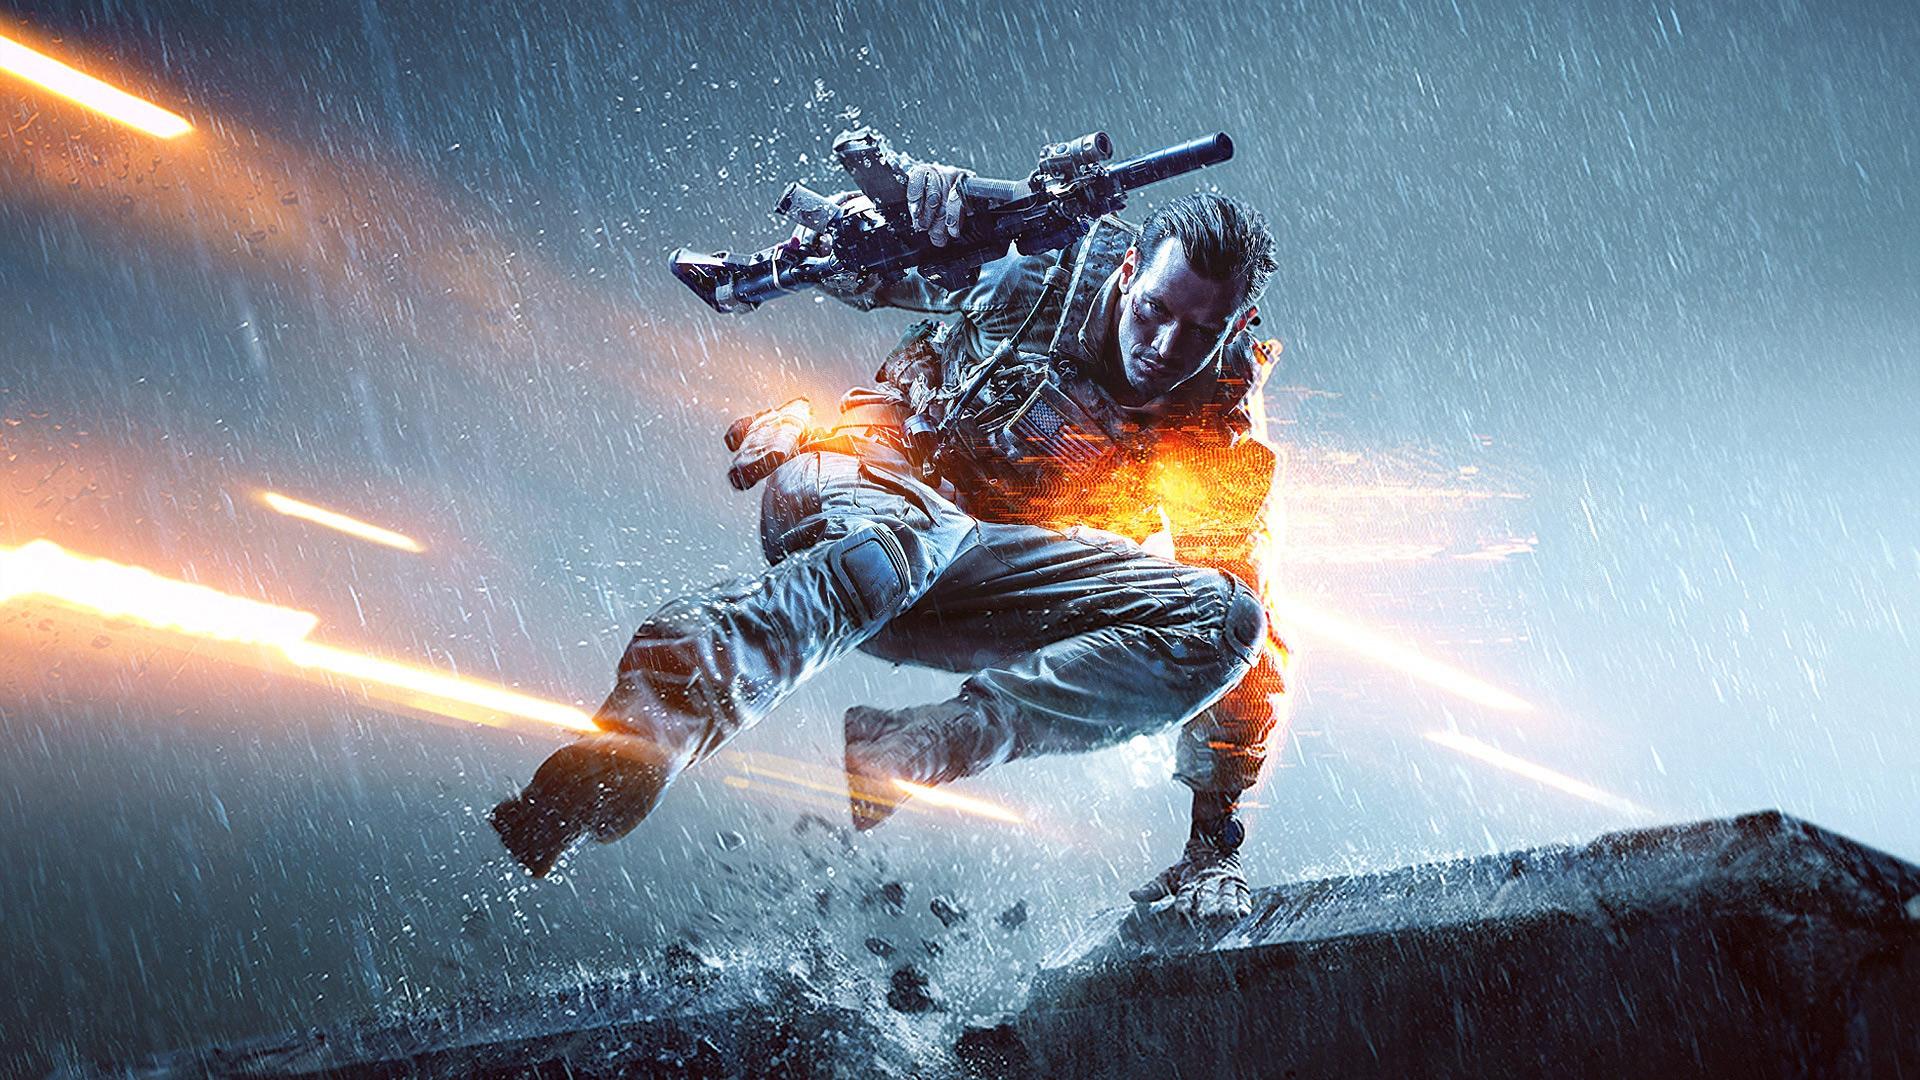 قد نرى مستوي رسوميات غير متوقع بلعبة Battlefield 5